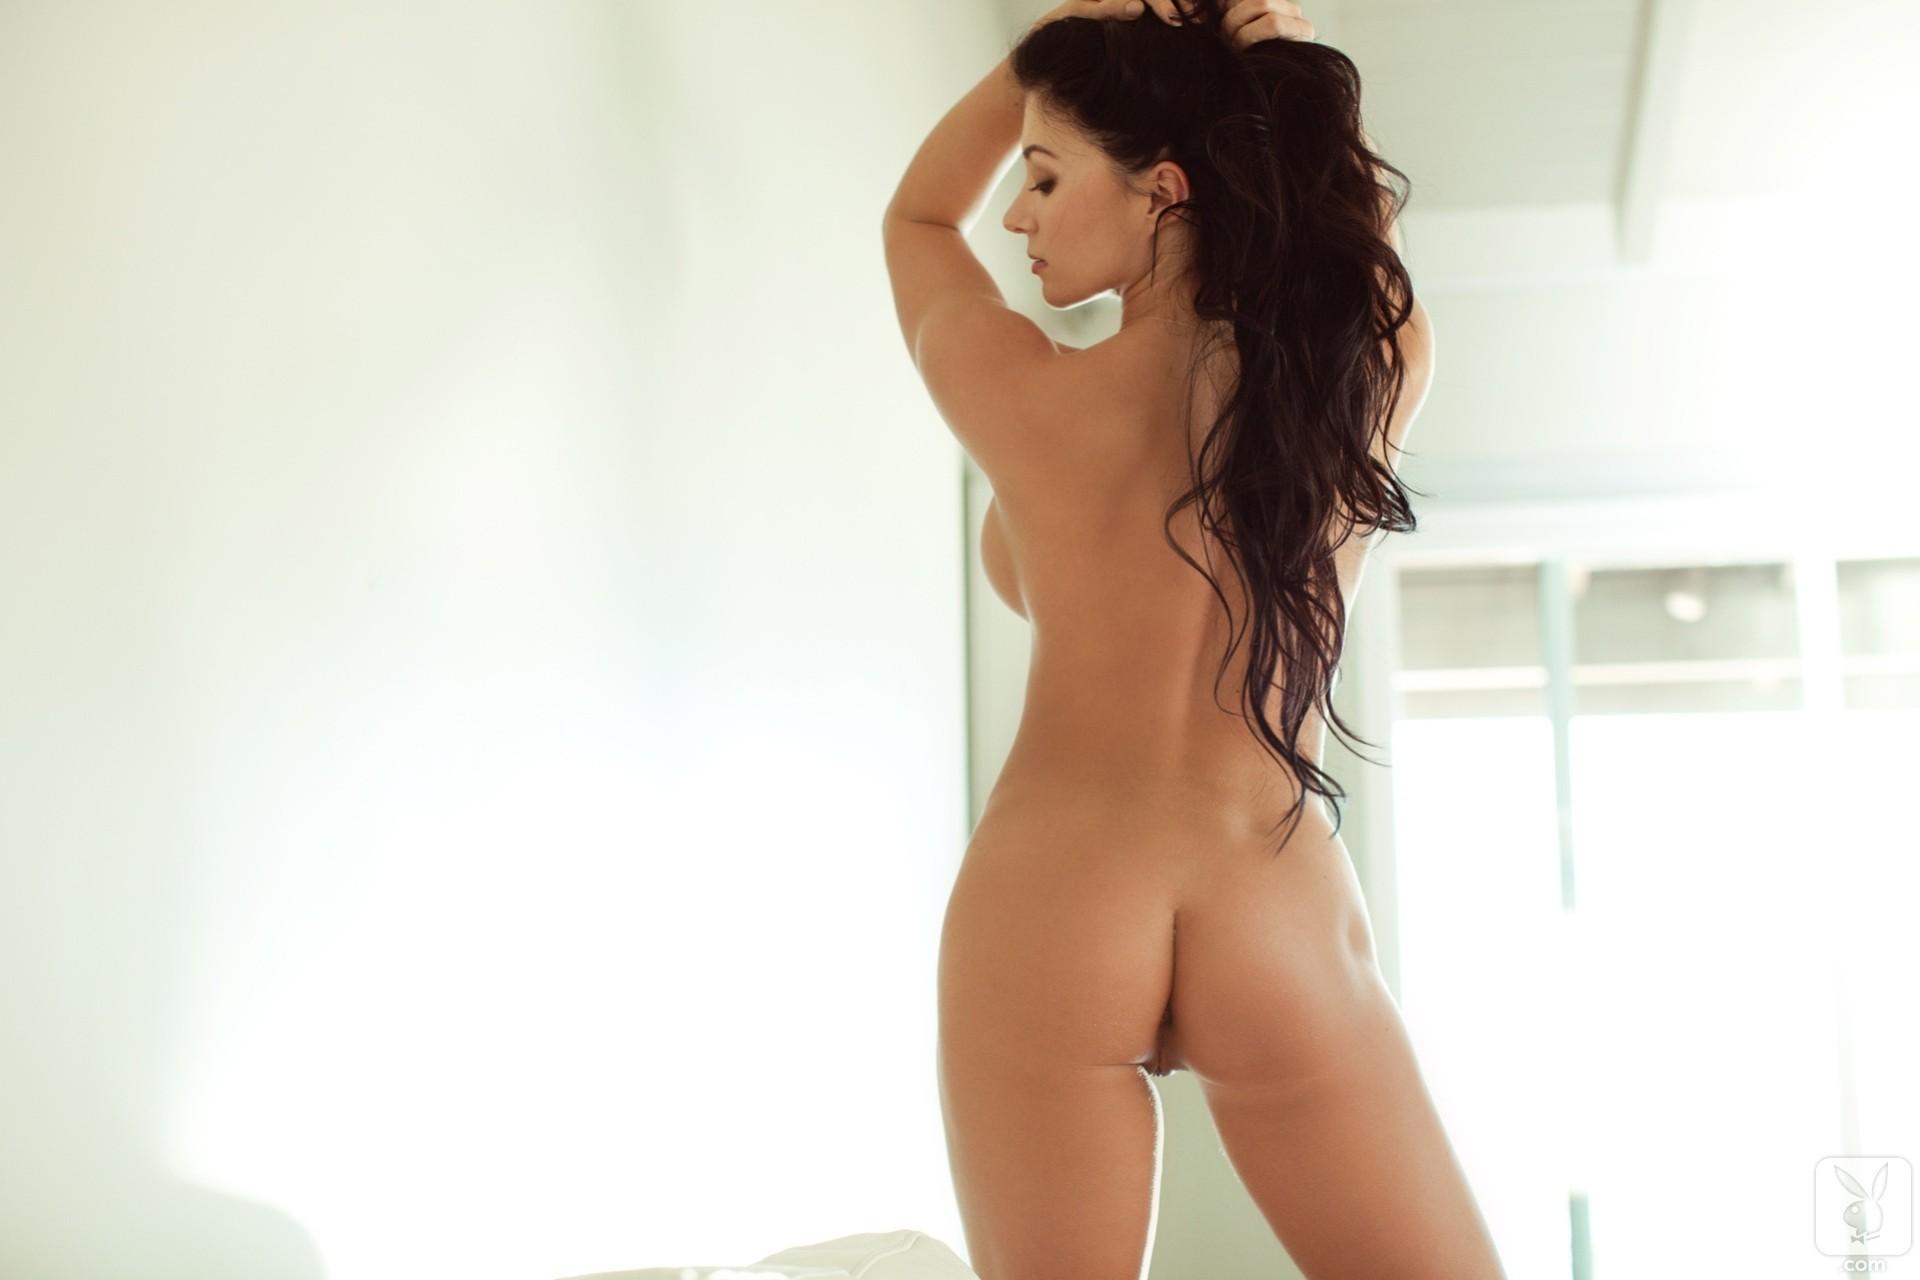 Фото обнаженных девушек брюнеток со спины, Фото девушек спиной на аву: брюнетки Красивые фото 21 фотография